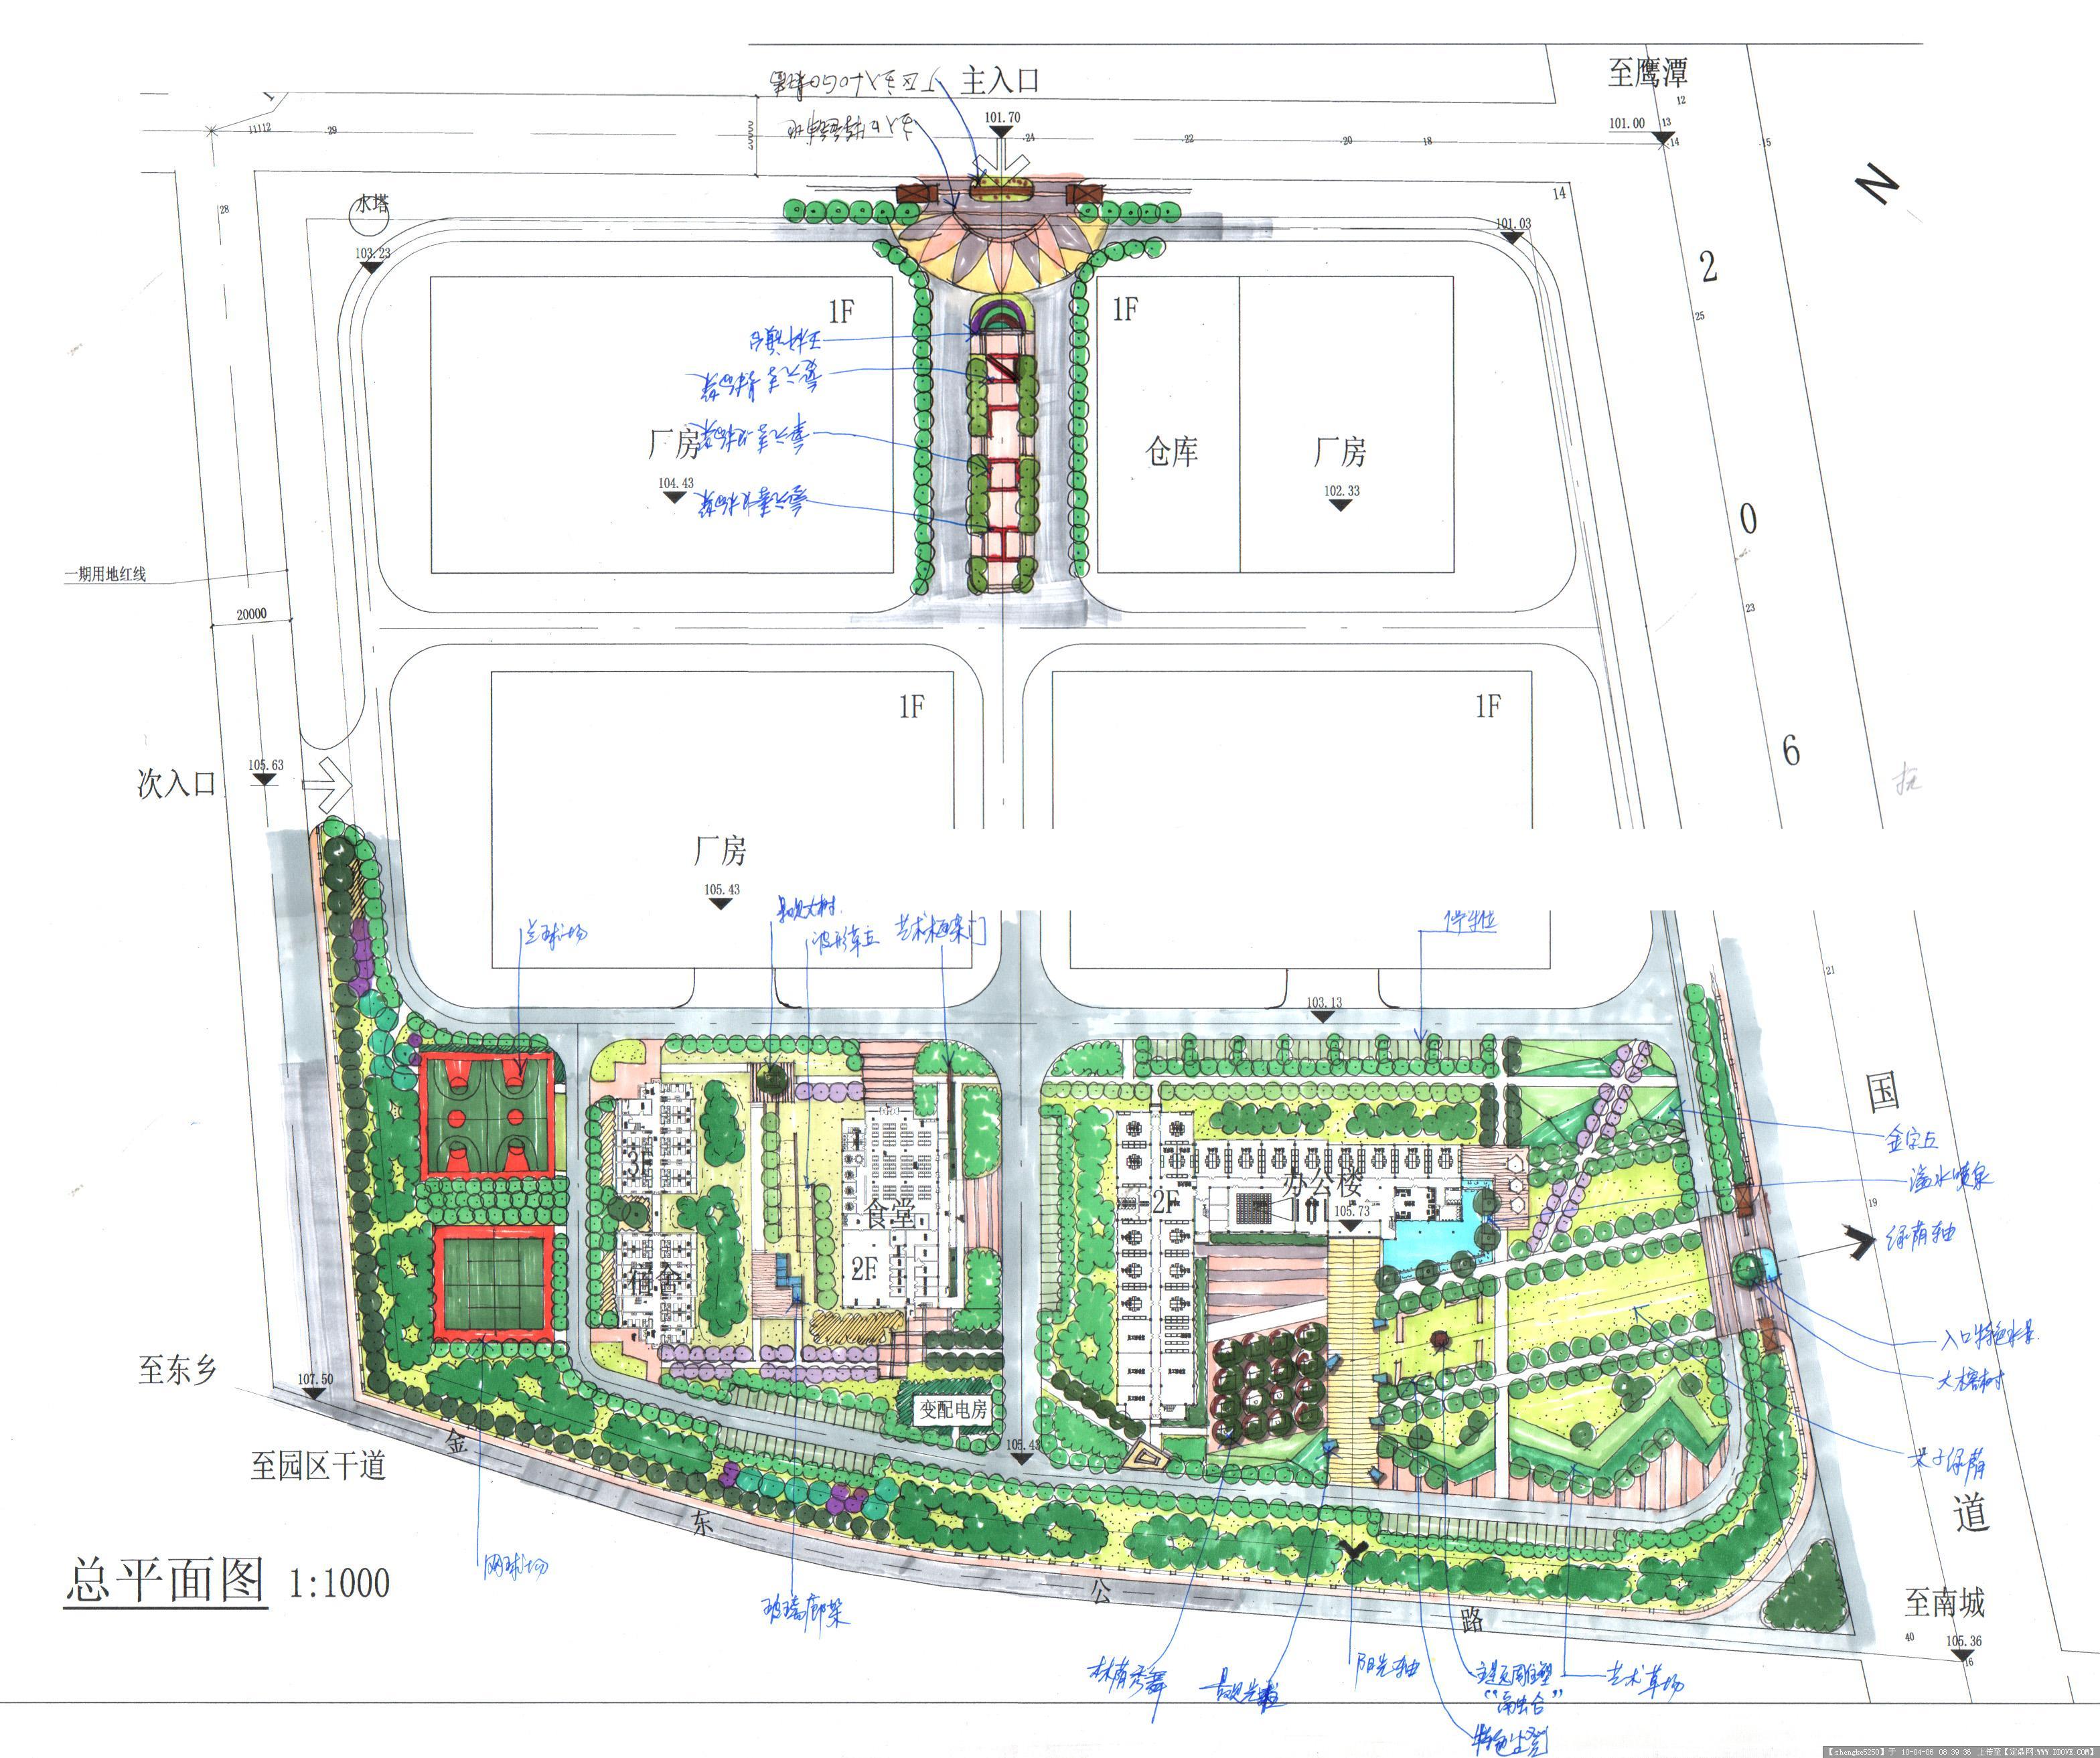 某厂区设计平面草图的图片浏览